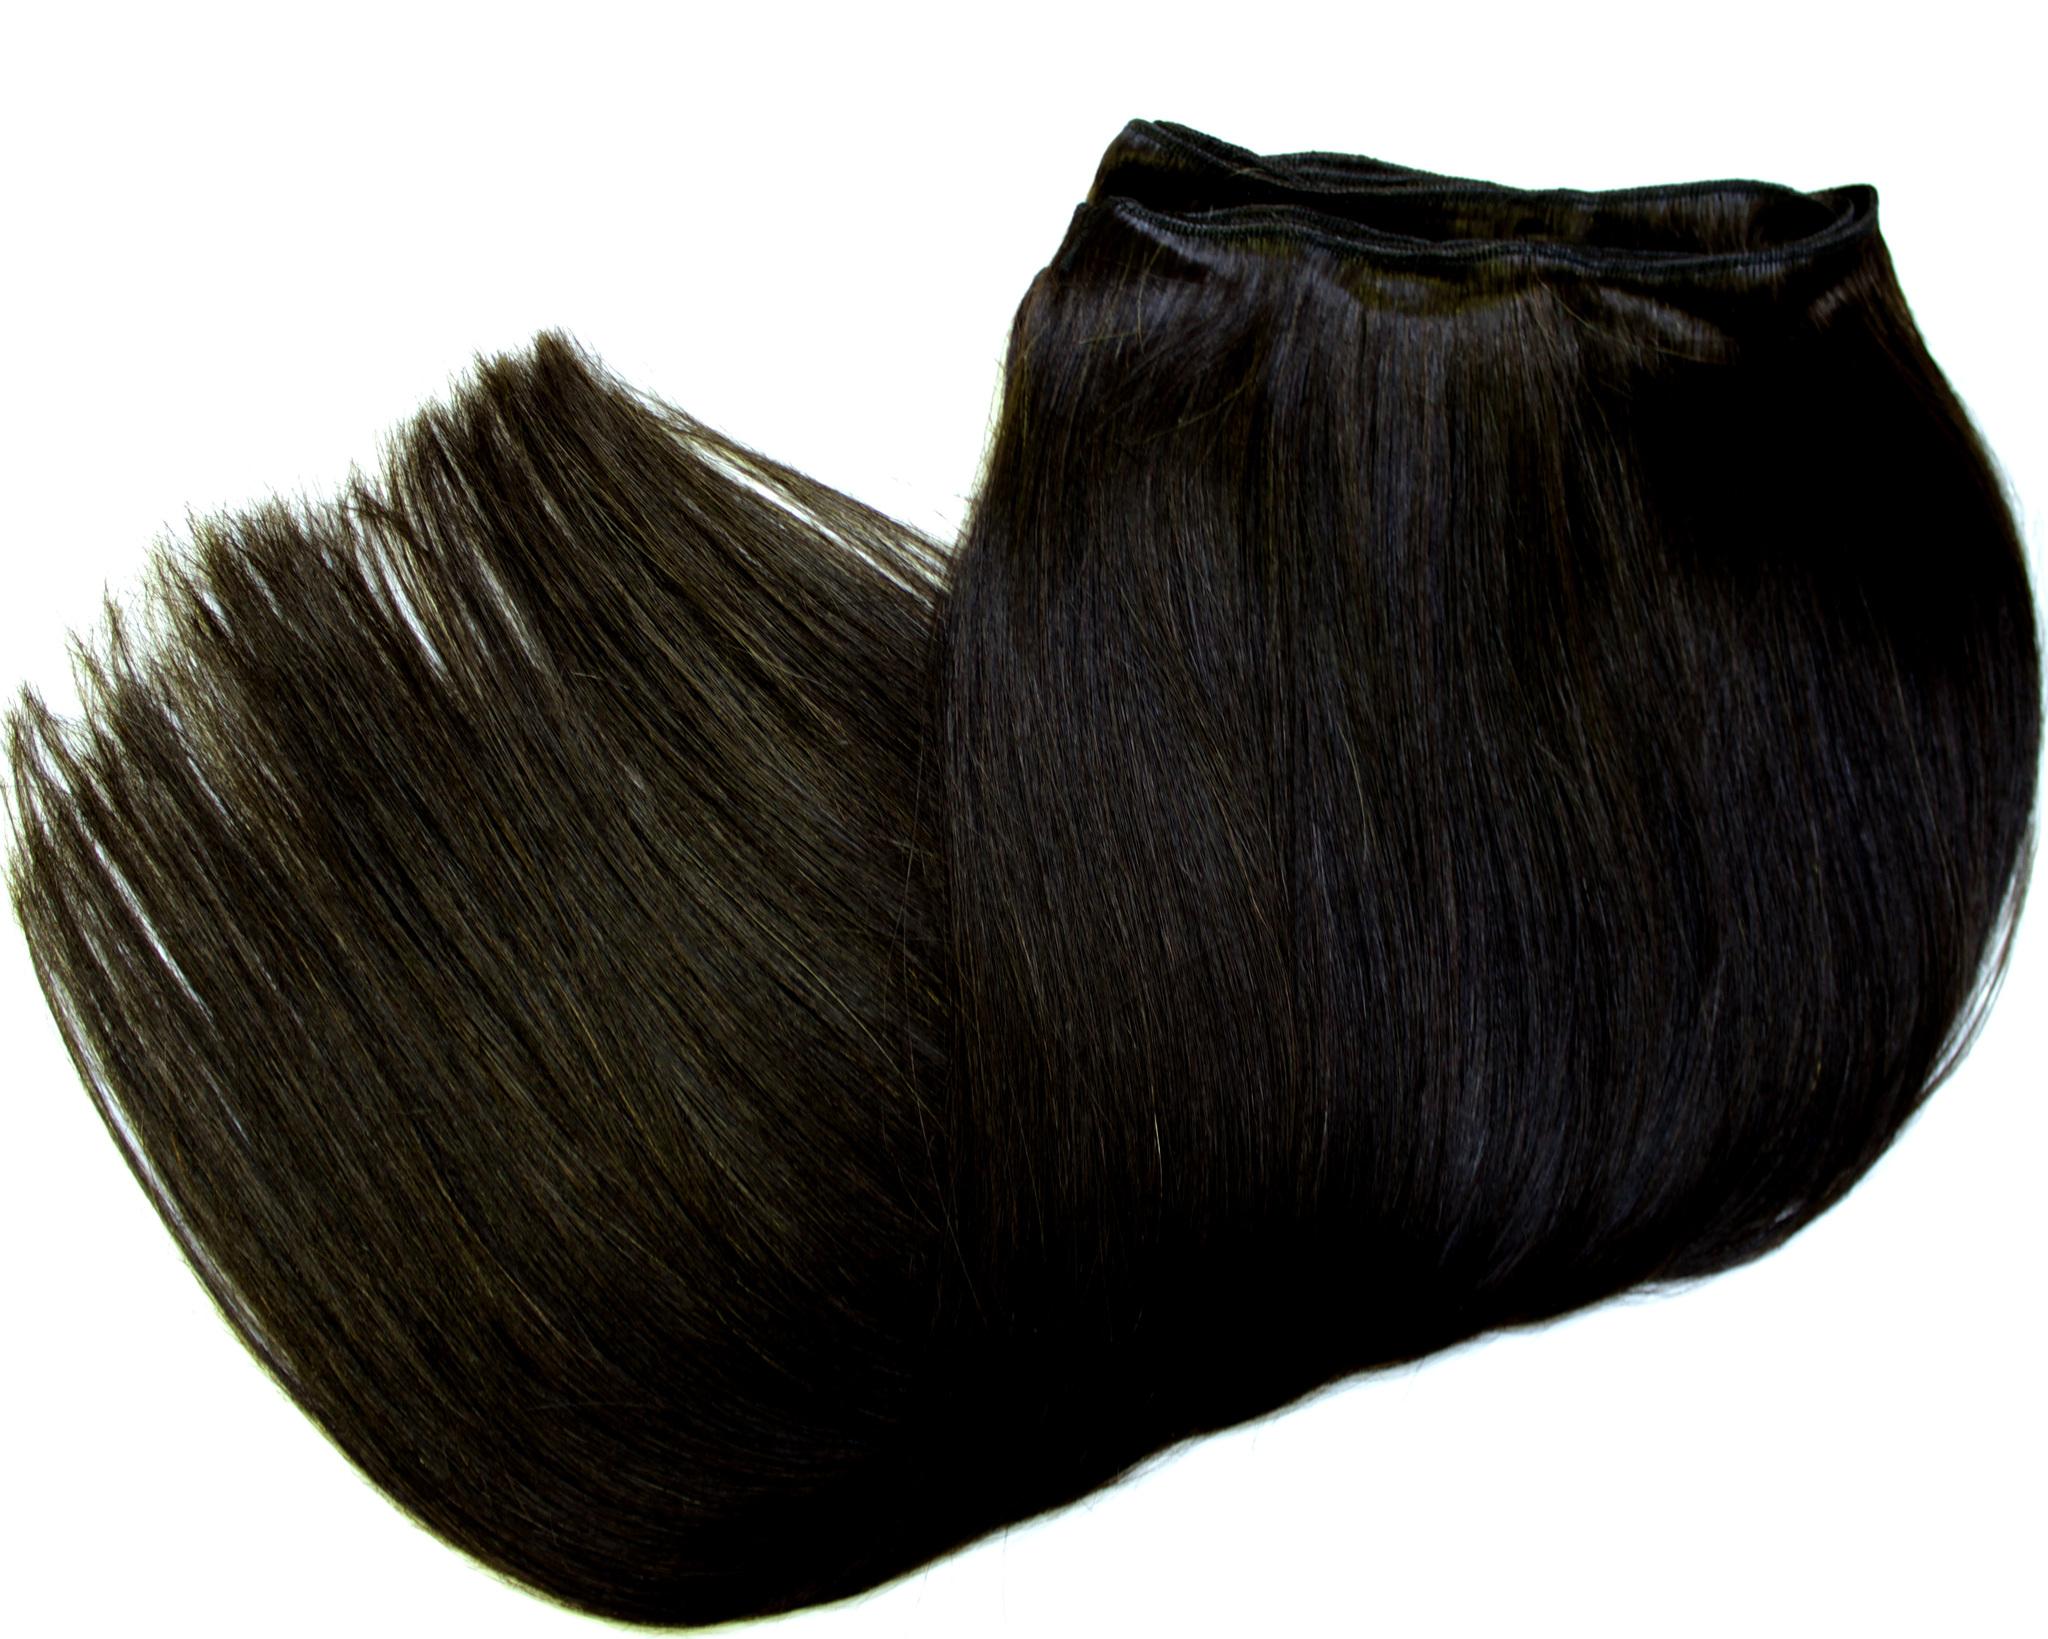 Тресс из натуральных волос длина 70 см,цвет  #1Б-темный коричневый переходящий в черный